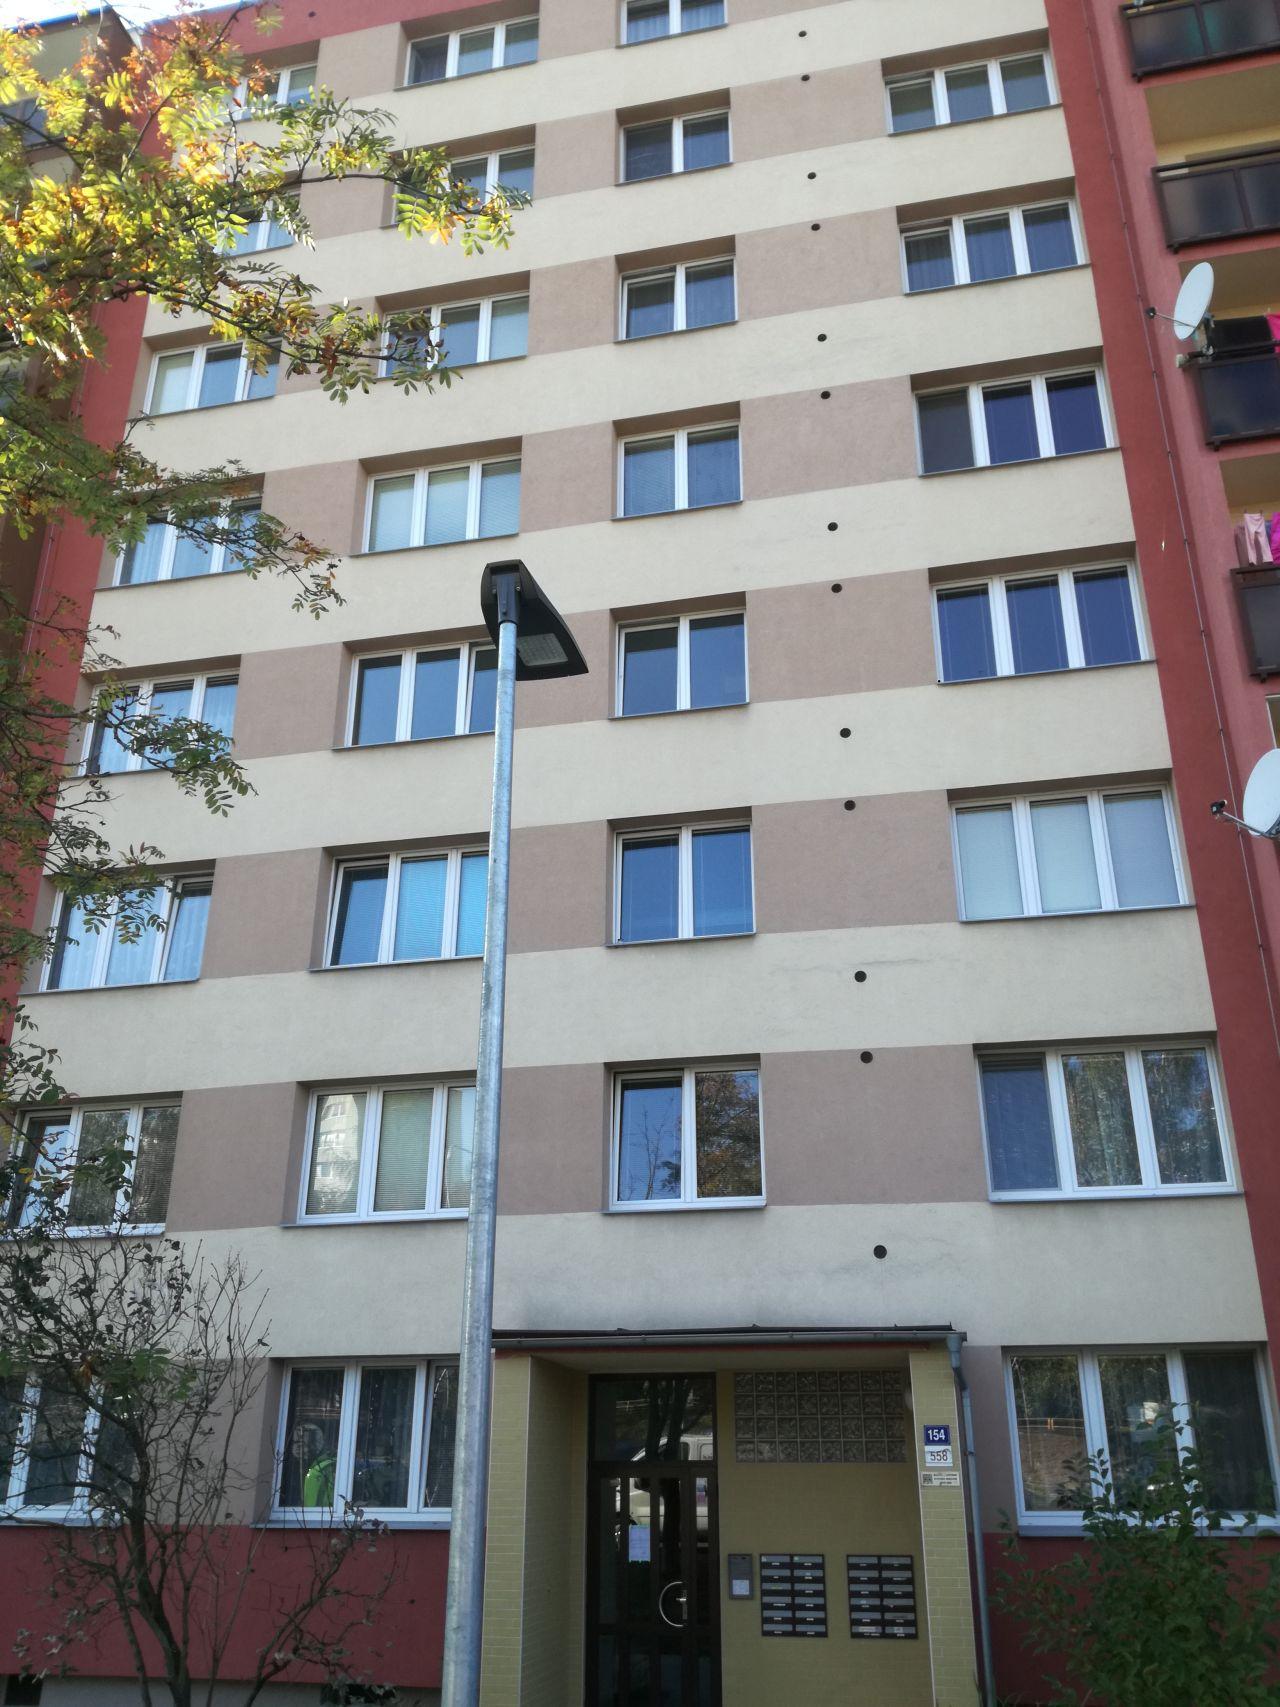 Pronájem bytu 1+1 39 m2, ul. Výškovická 558/154, Ostrava - Výškovice